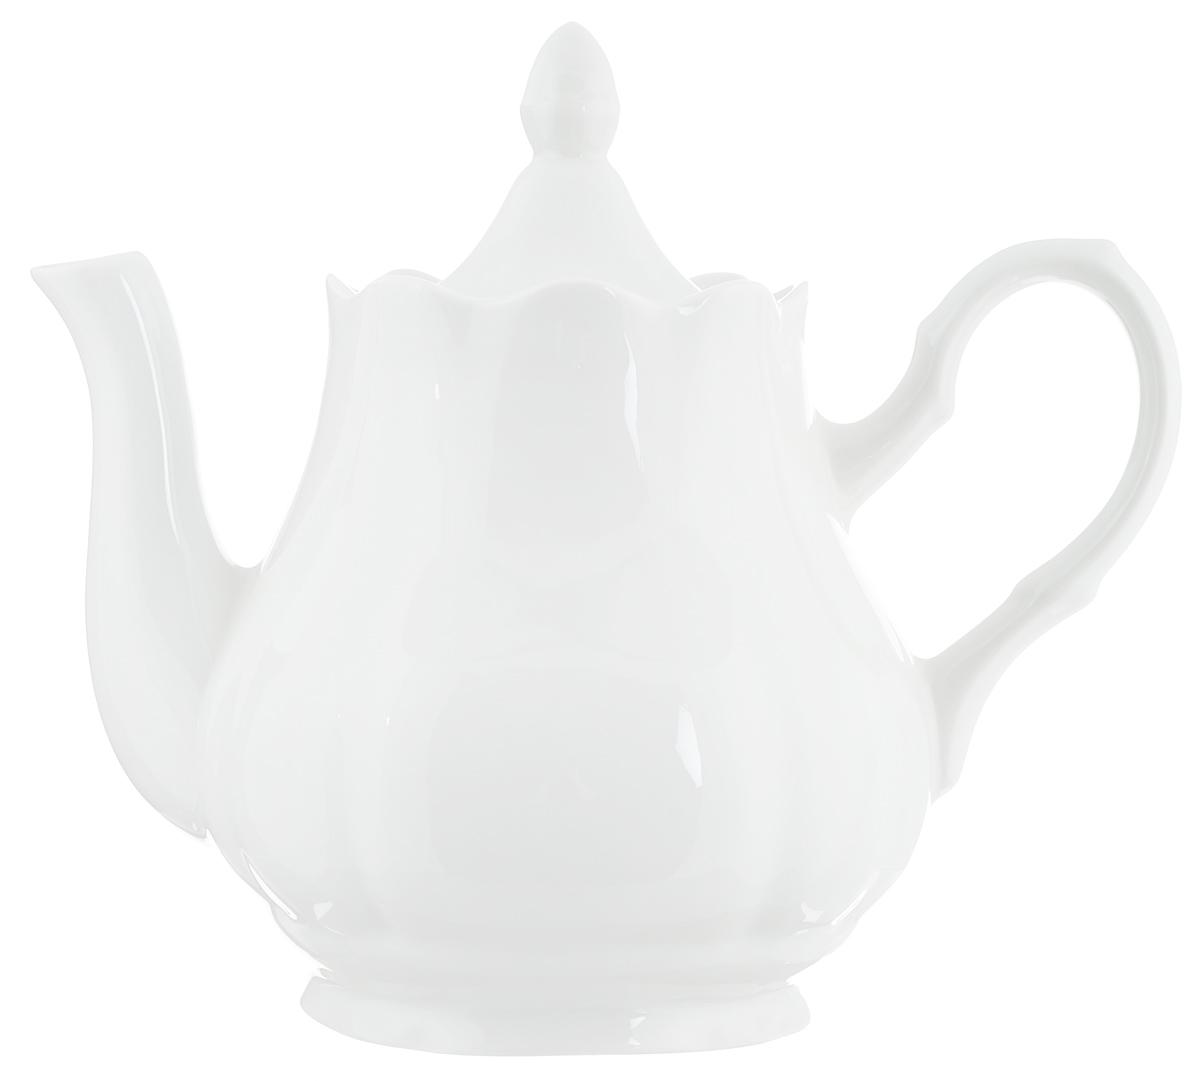 """Заварочный чайник """"Романс. Белье"""" выполнен из  высококачественного фарфора и покрыт  сверкающей глазурью. Изделие оснащено крышкой.   Заварочный чайник """"Романс. Белье"""" придется по  вкусу и  ценителям классики, и тем, кто предпочитает  утонченность и  изысканность.   Диаметр (по верхнему краю): 10 см.  Высота чайника (без учета крышки): 17 см."""